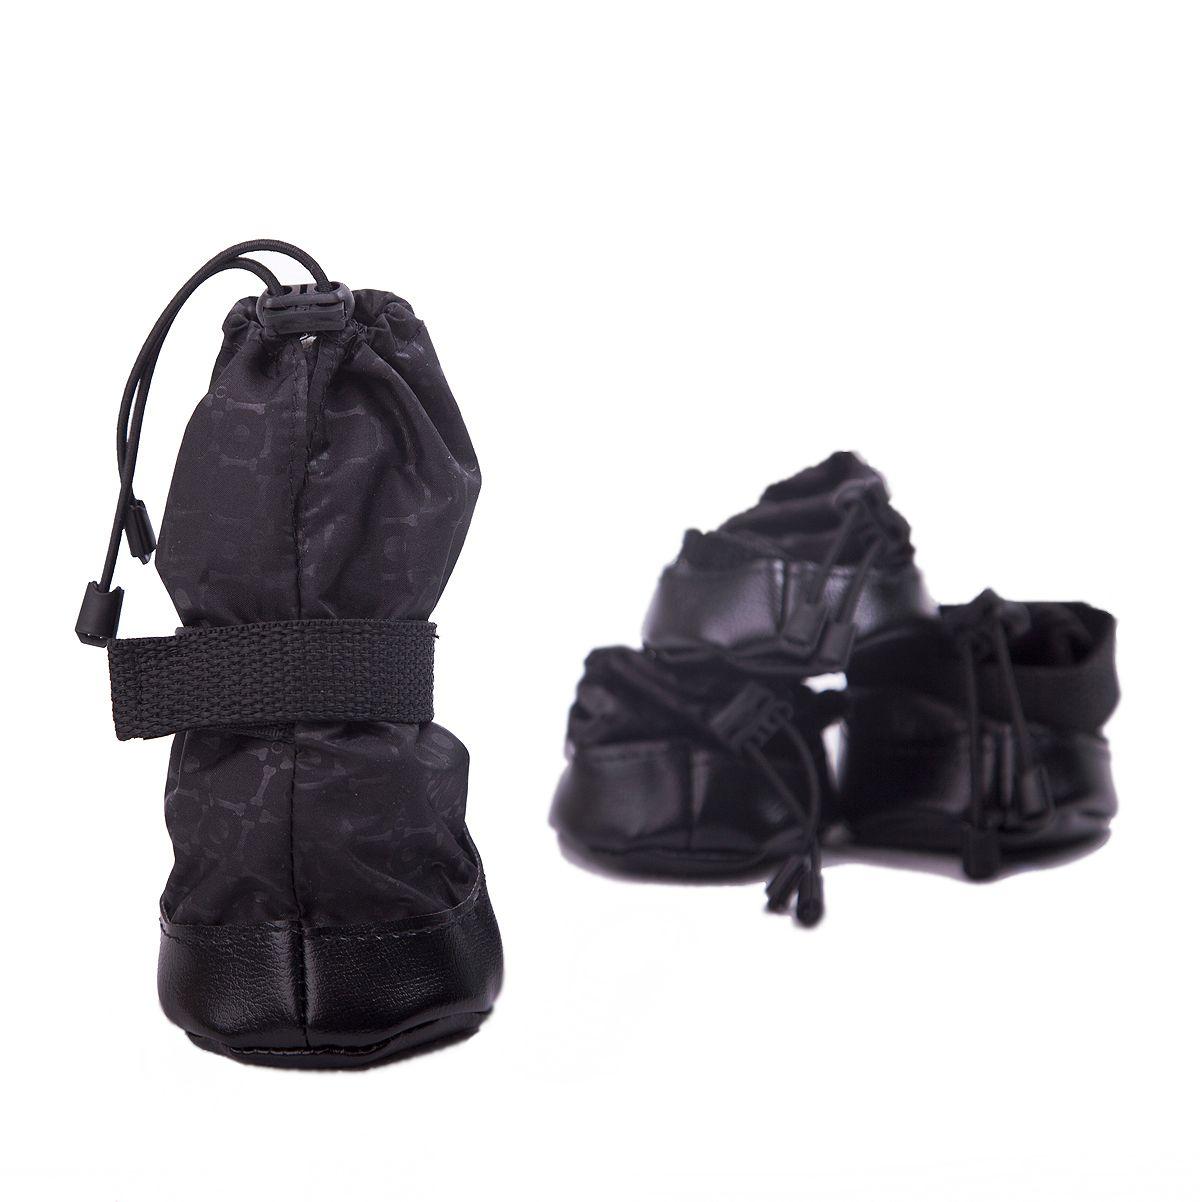 Ботинки для собак  OSSO Fashion , короткие, унисекс, цвет: черный. Размер 6 - Одежда, обувь, украшения